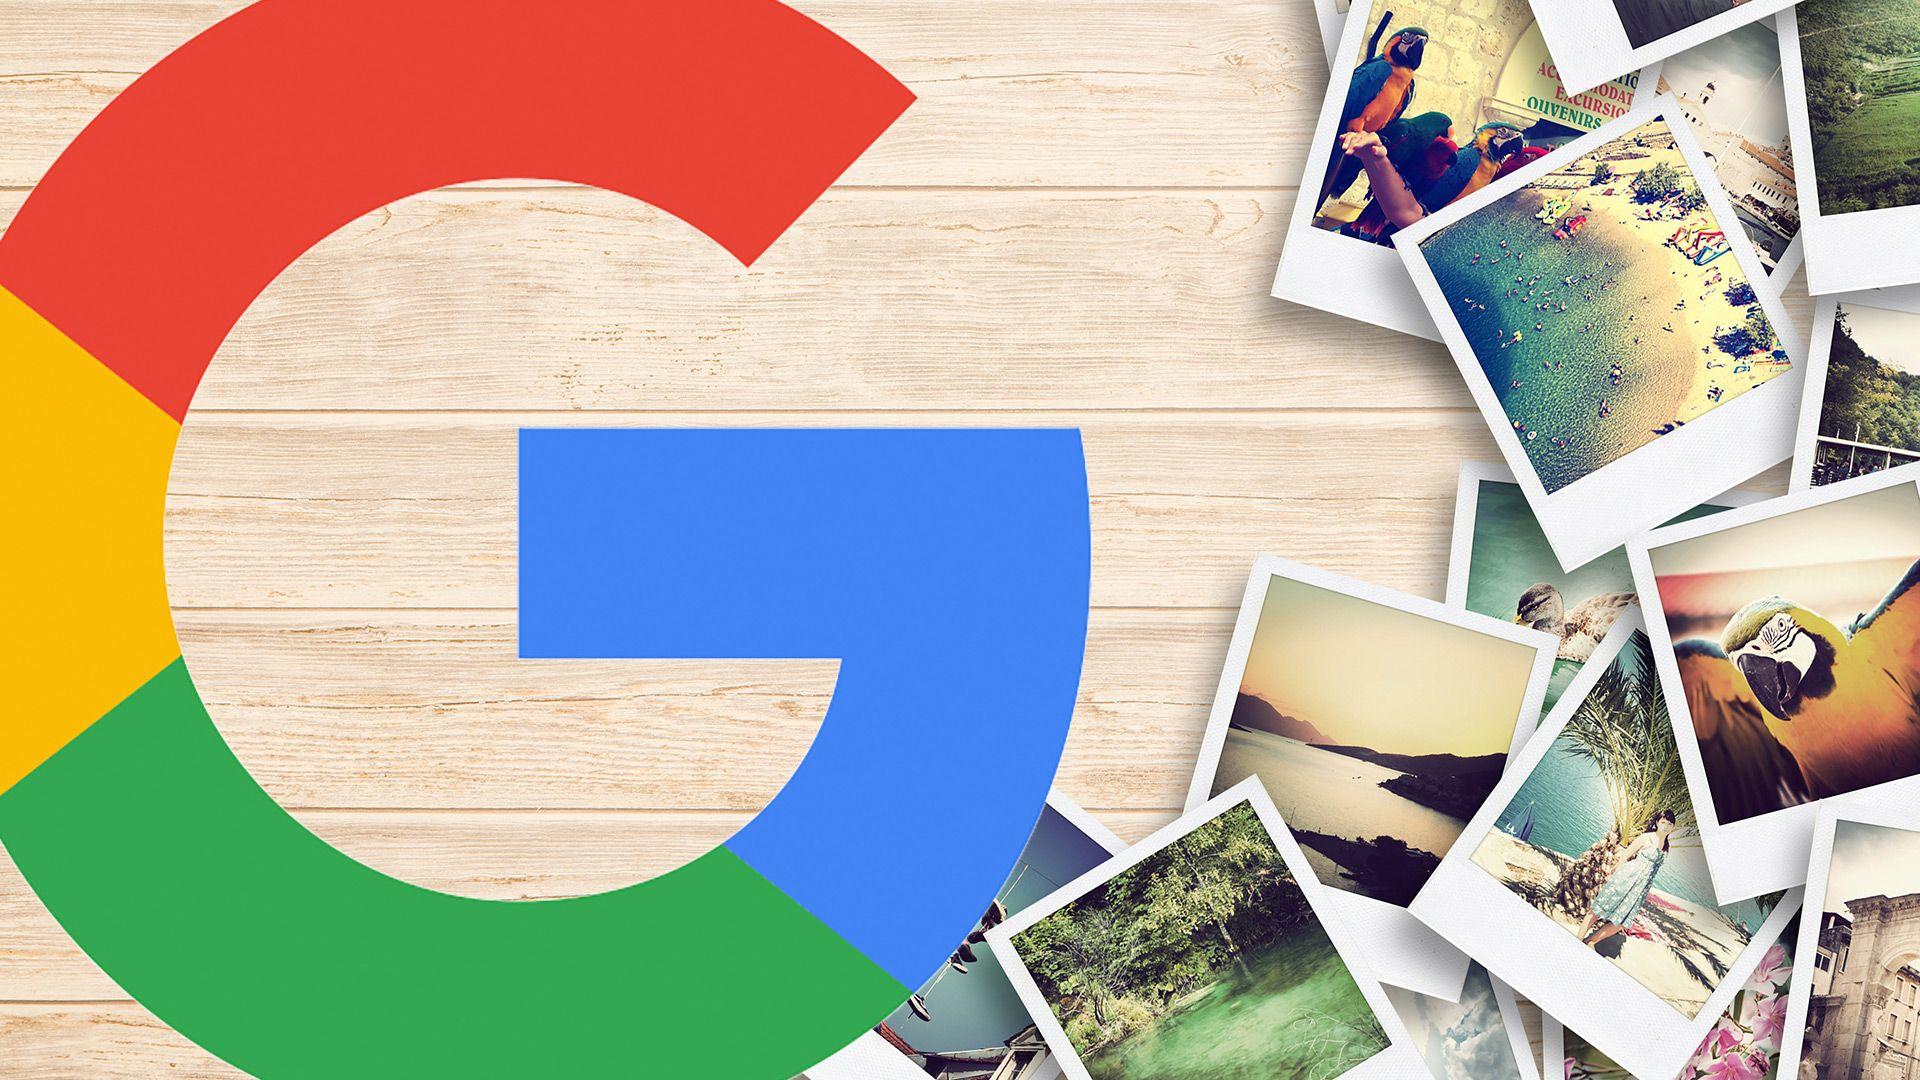 Muitos webmasters e usuários tem notado que o Google mostra menos imagens em resultados de pesquisas na internet. Seria um bug? Confira essa notícia!